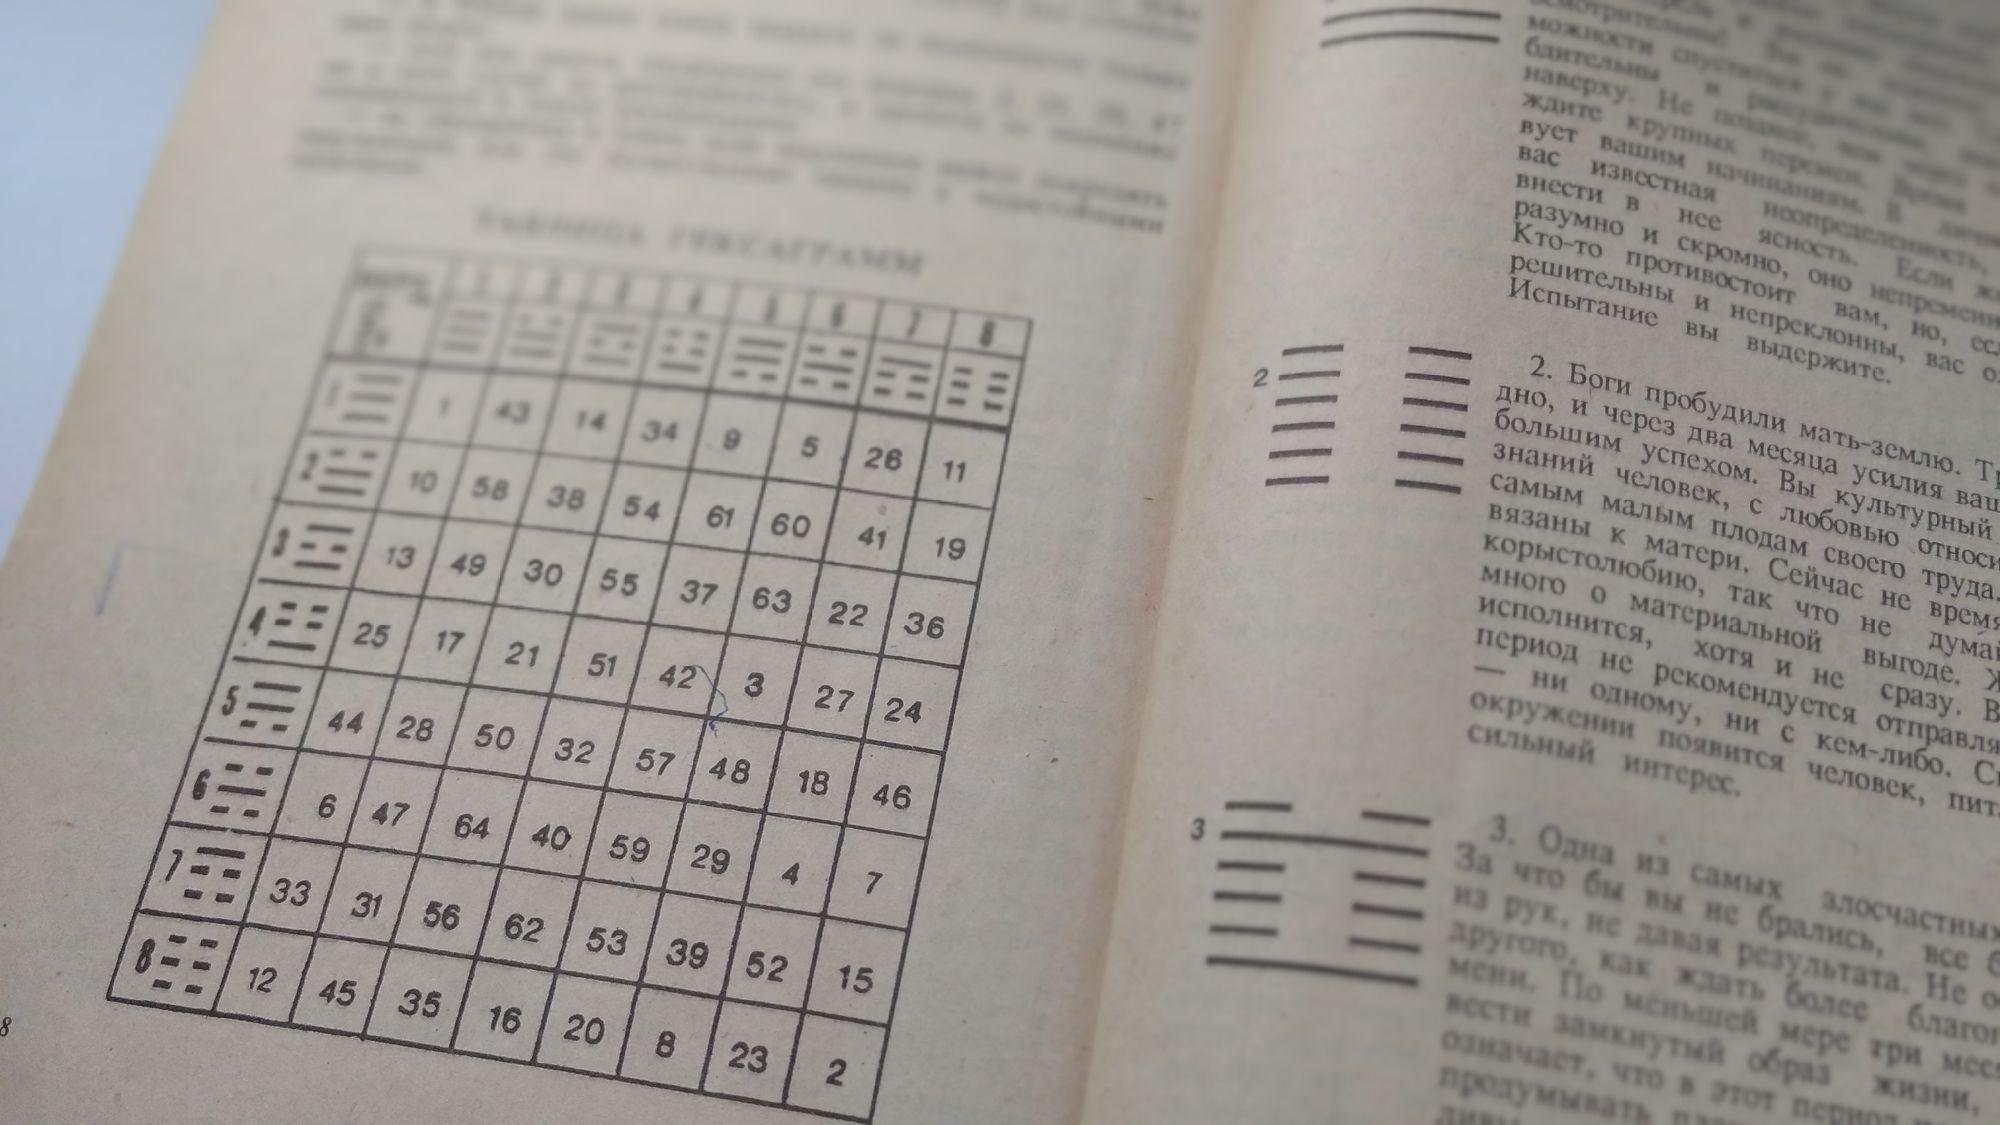 Это китайское гадание строится на получении одной из 64-х гексаграмм путём выкидывания монет. Расшифровка гексаграммы даёт ответ на ваш сокровенный вопрос.